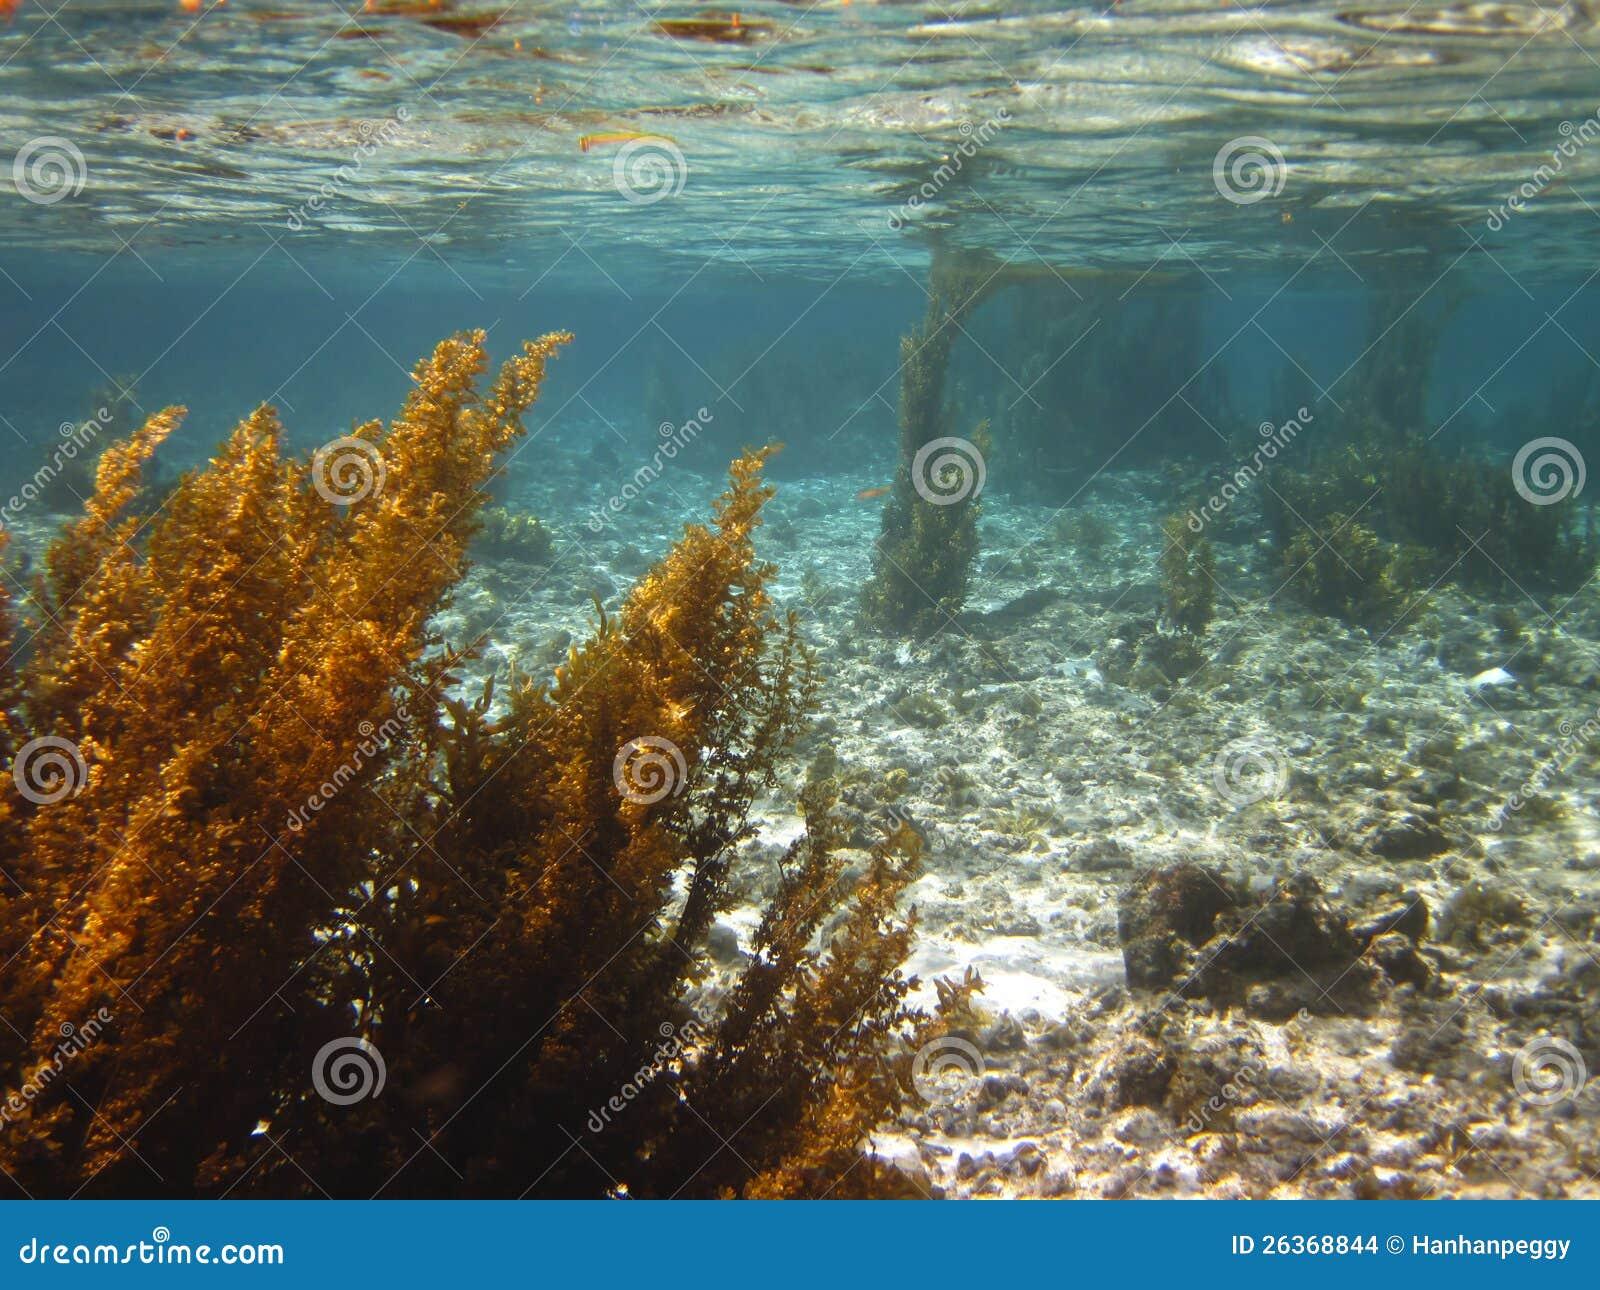 Meerespflanze